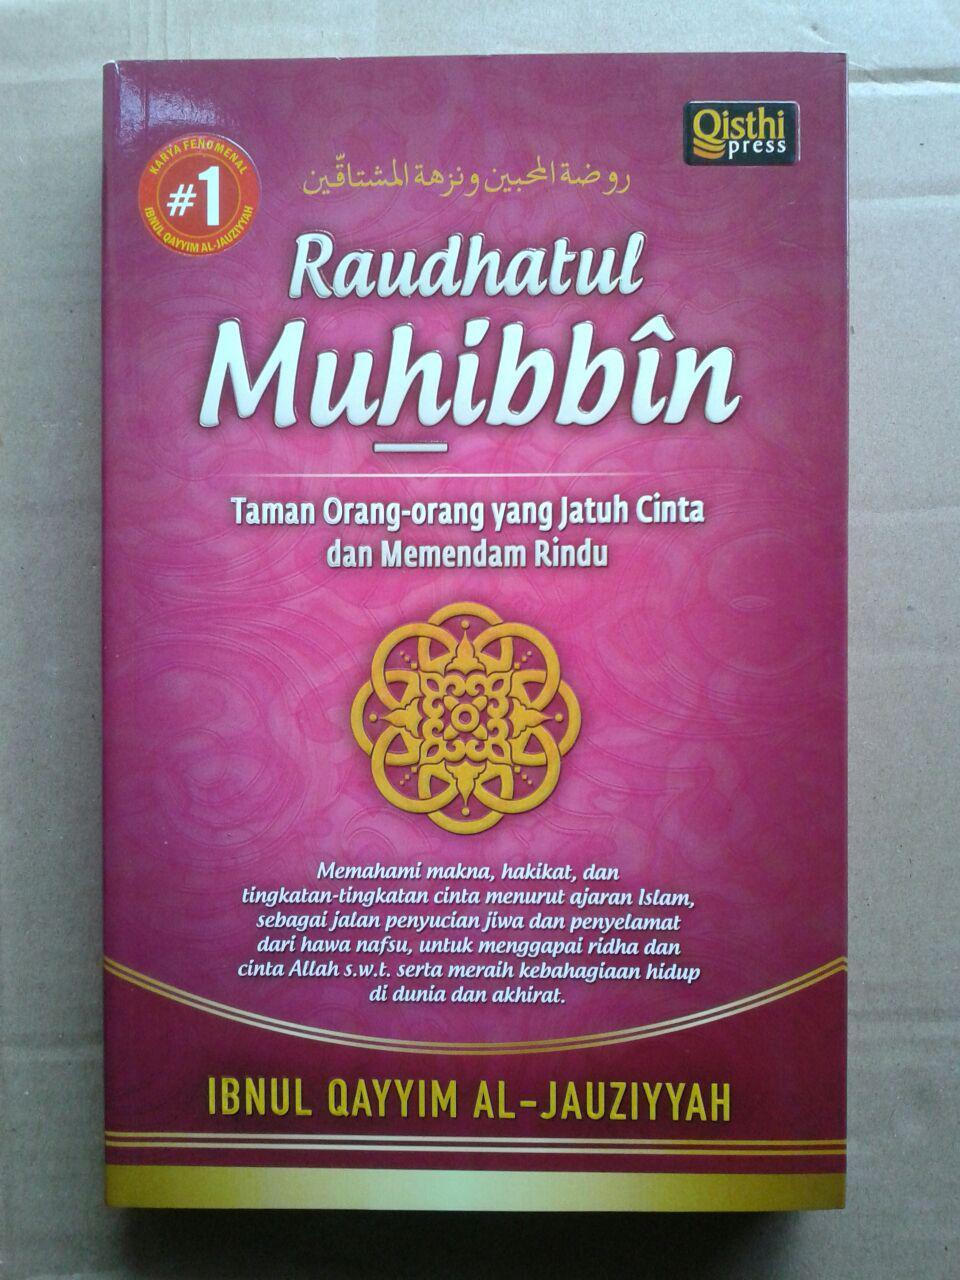 Buku Raudhatul Muhibbin Taman Orang-Orang Jatuh Cinta cover